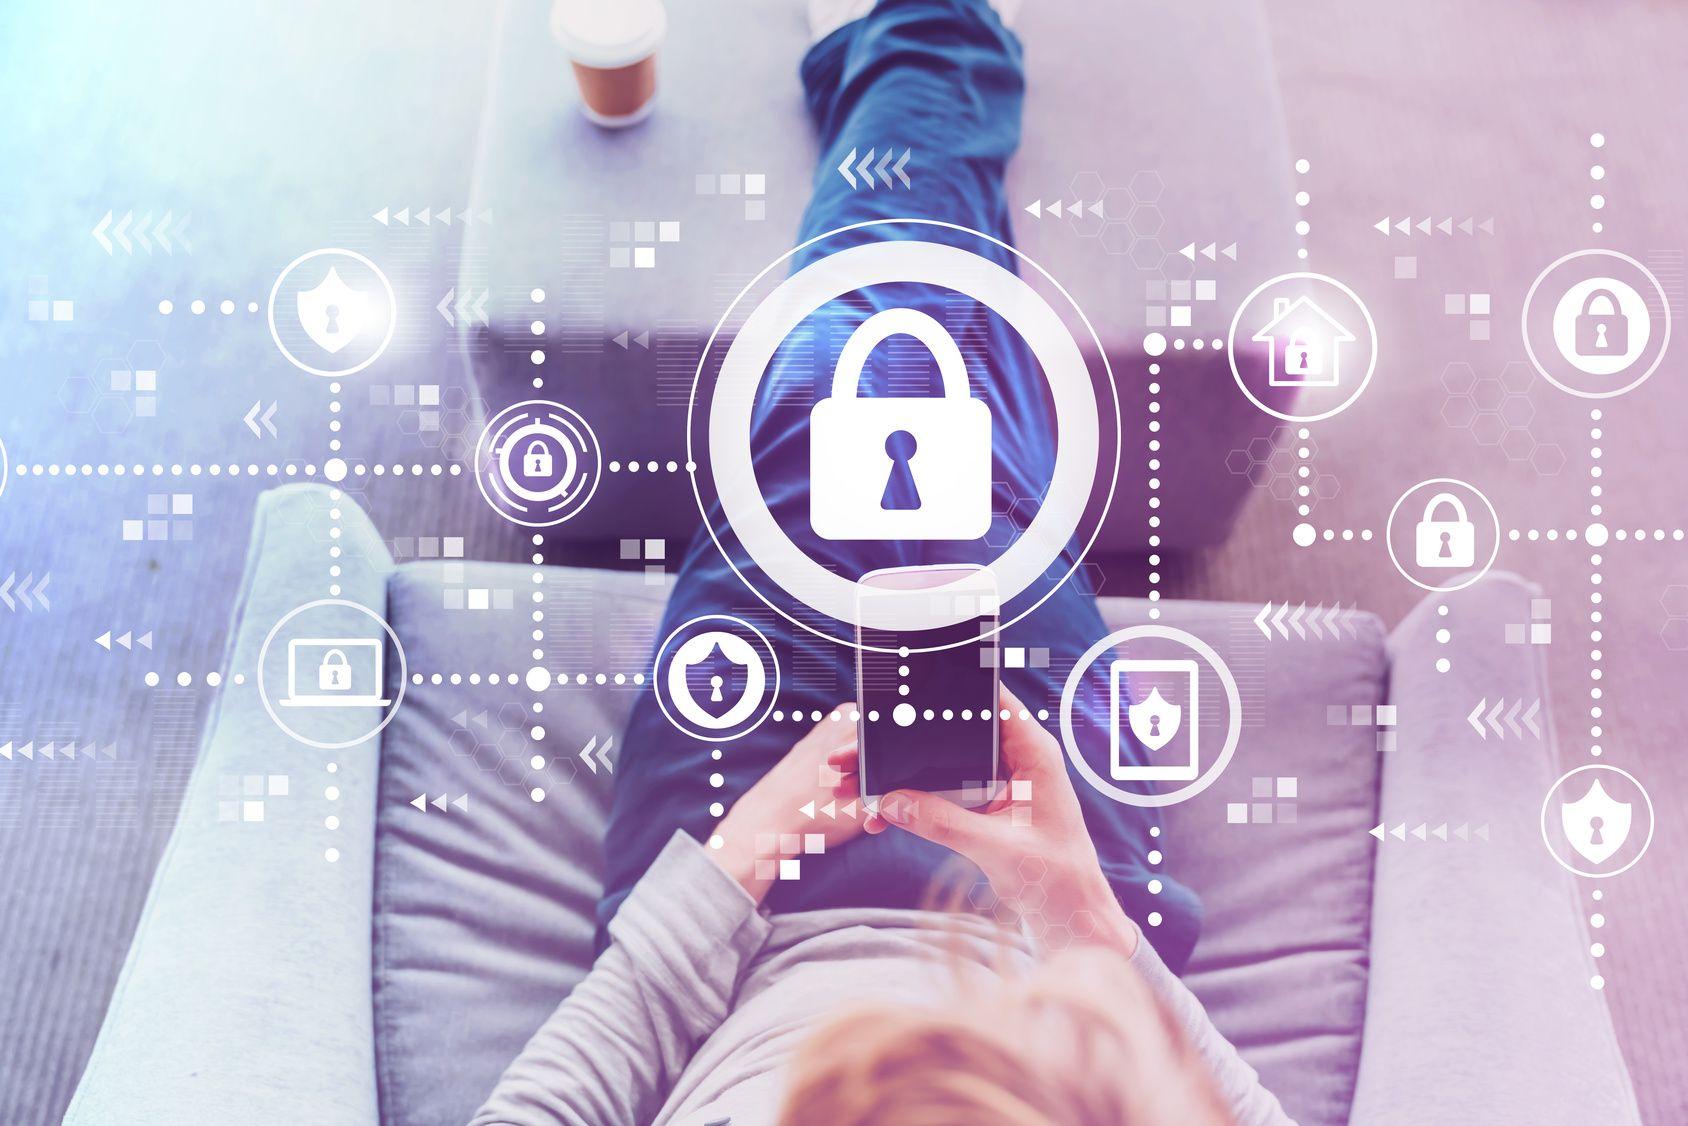 SPI ofrece un servicio de backup online para que las empresas tengan toda su información a salvo